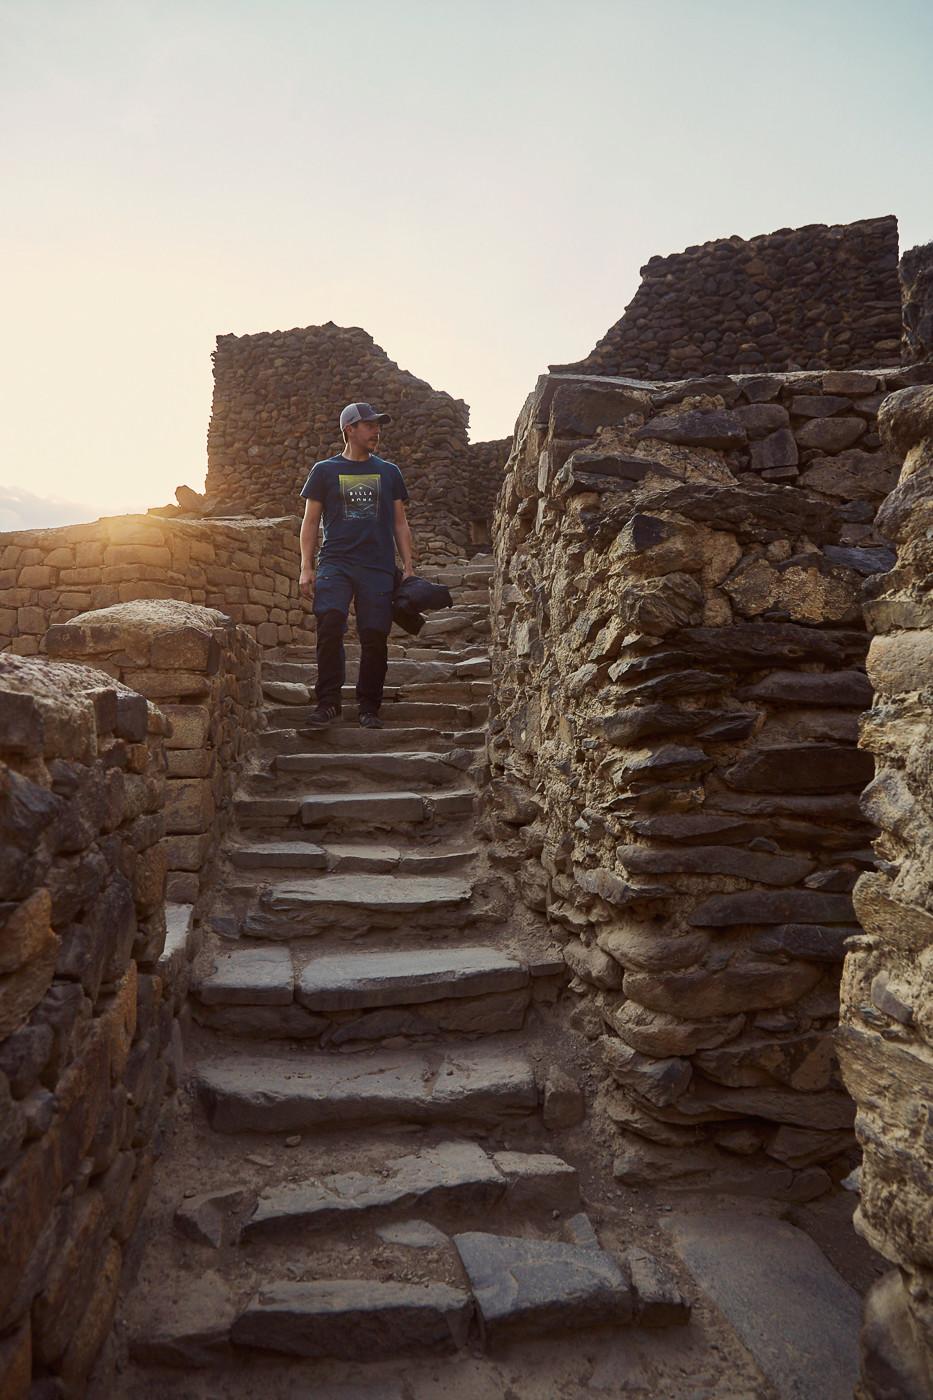 Die Ruinen von Ollantaytambo werden auch die letzte Stadt genannt, weil die Inka dorthin flüchteten, als sie von den Spaniern vertrieben wurden